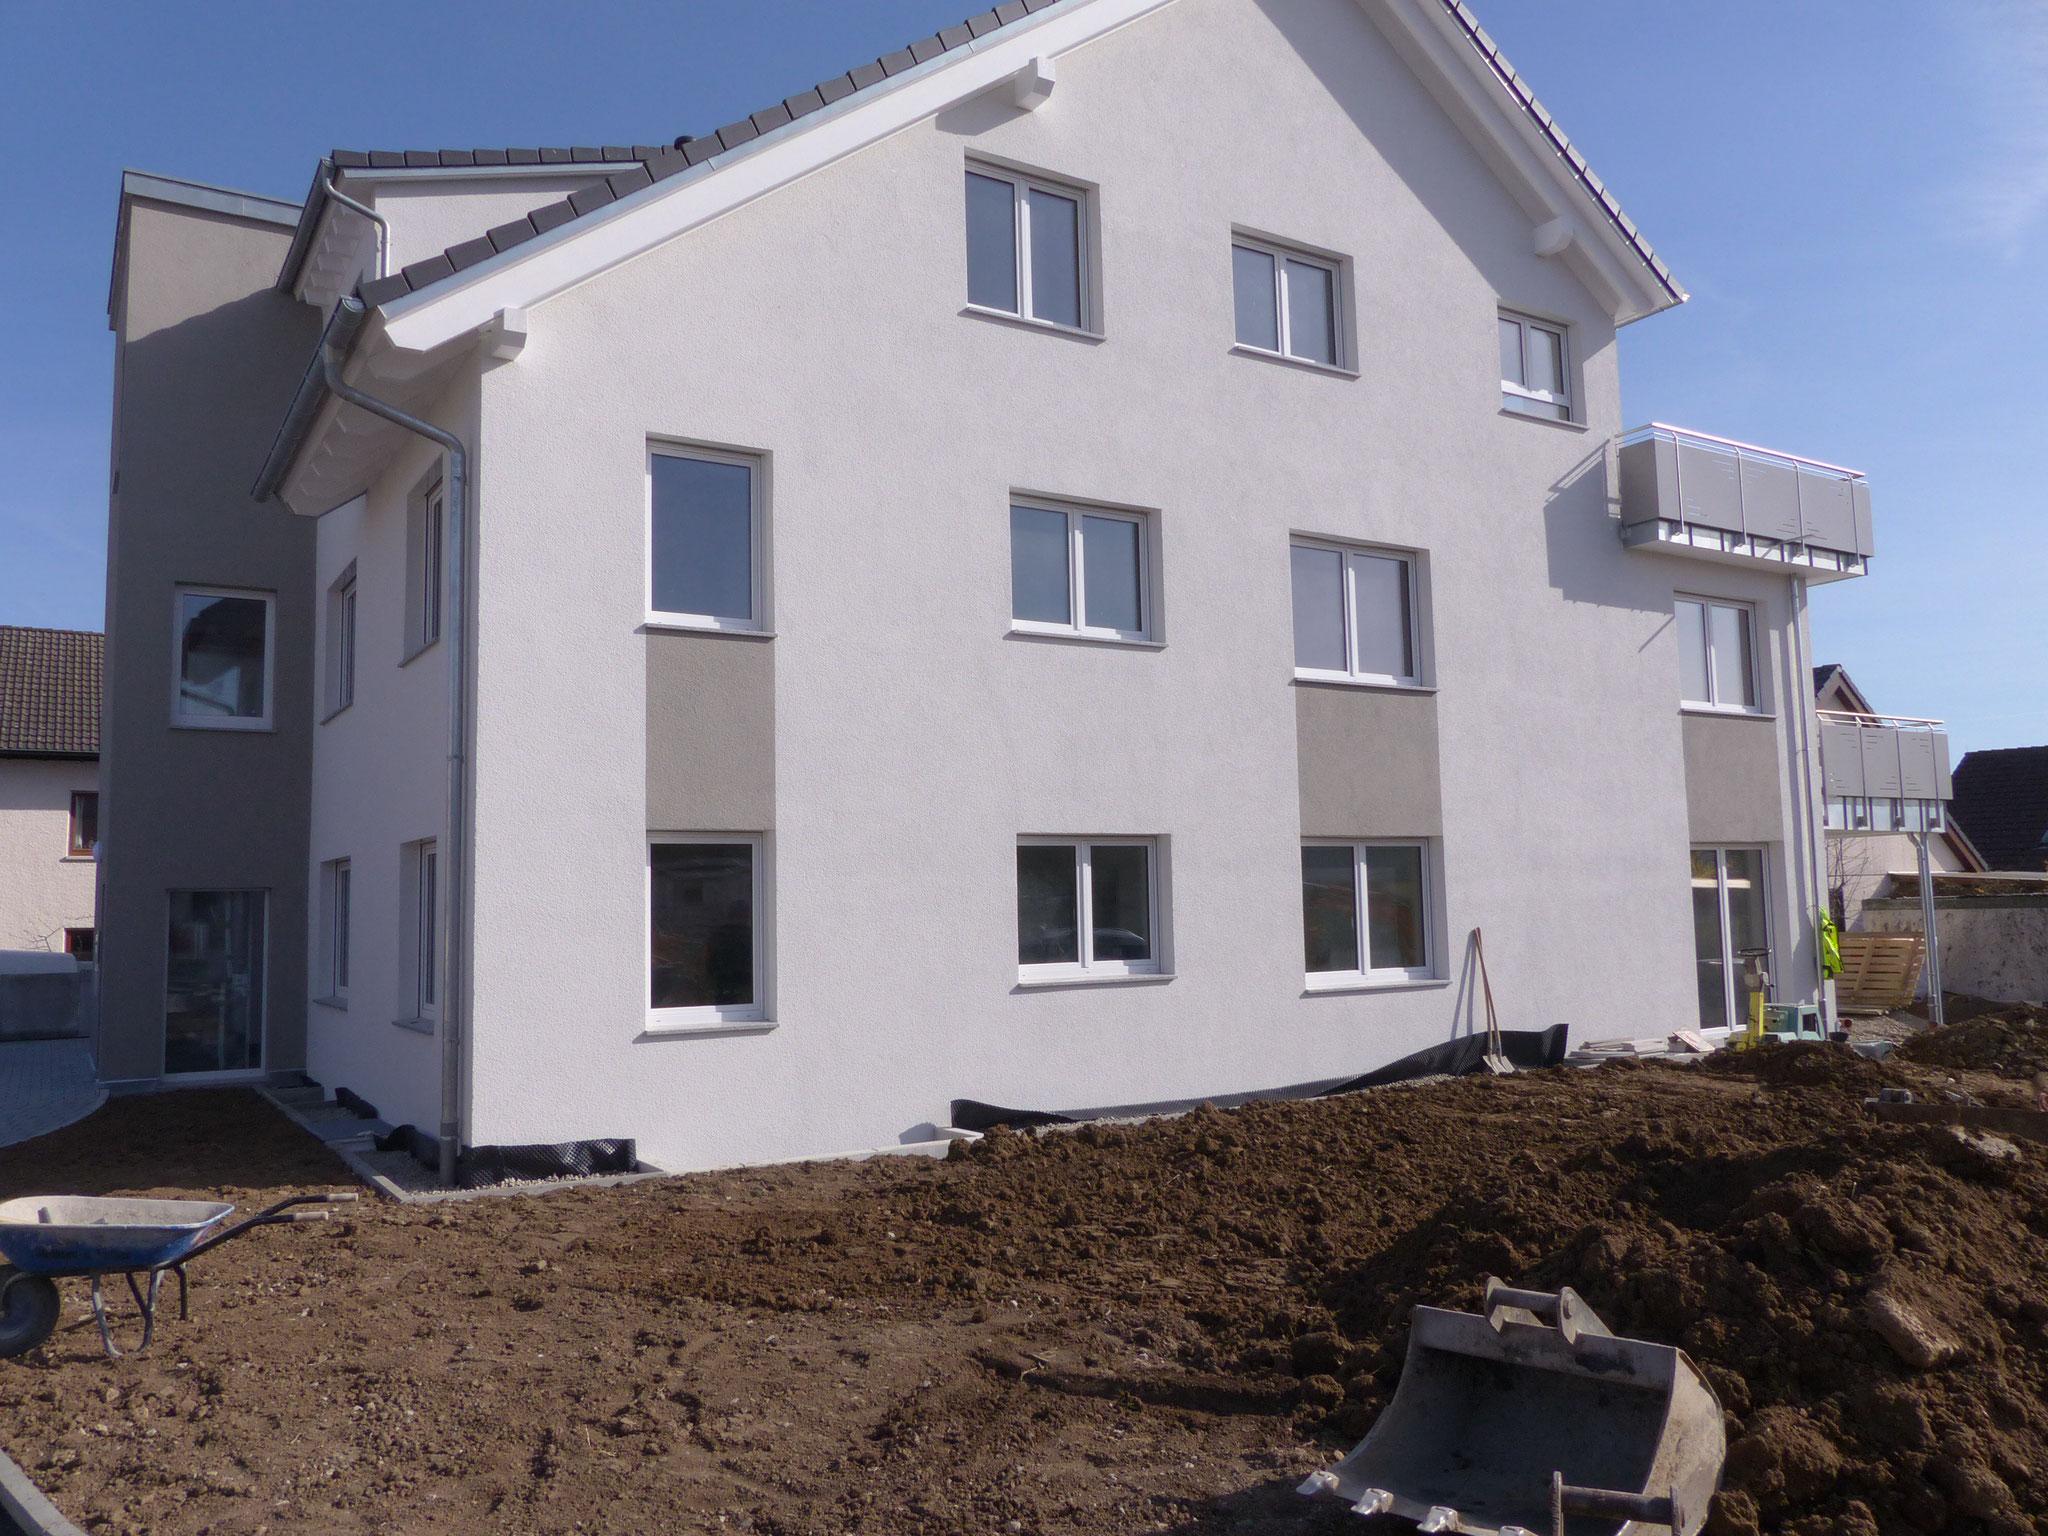 Anstrich Fassade inkl. der Holzteile/des Dachgesims und Fassadengestaltung durch Farbakzente